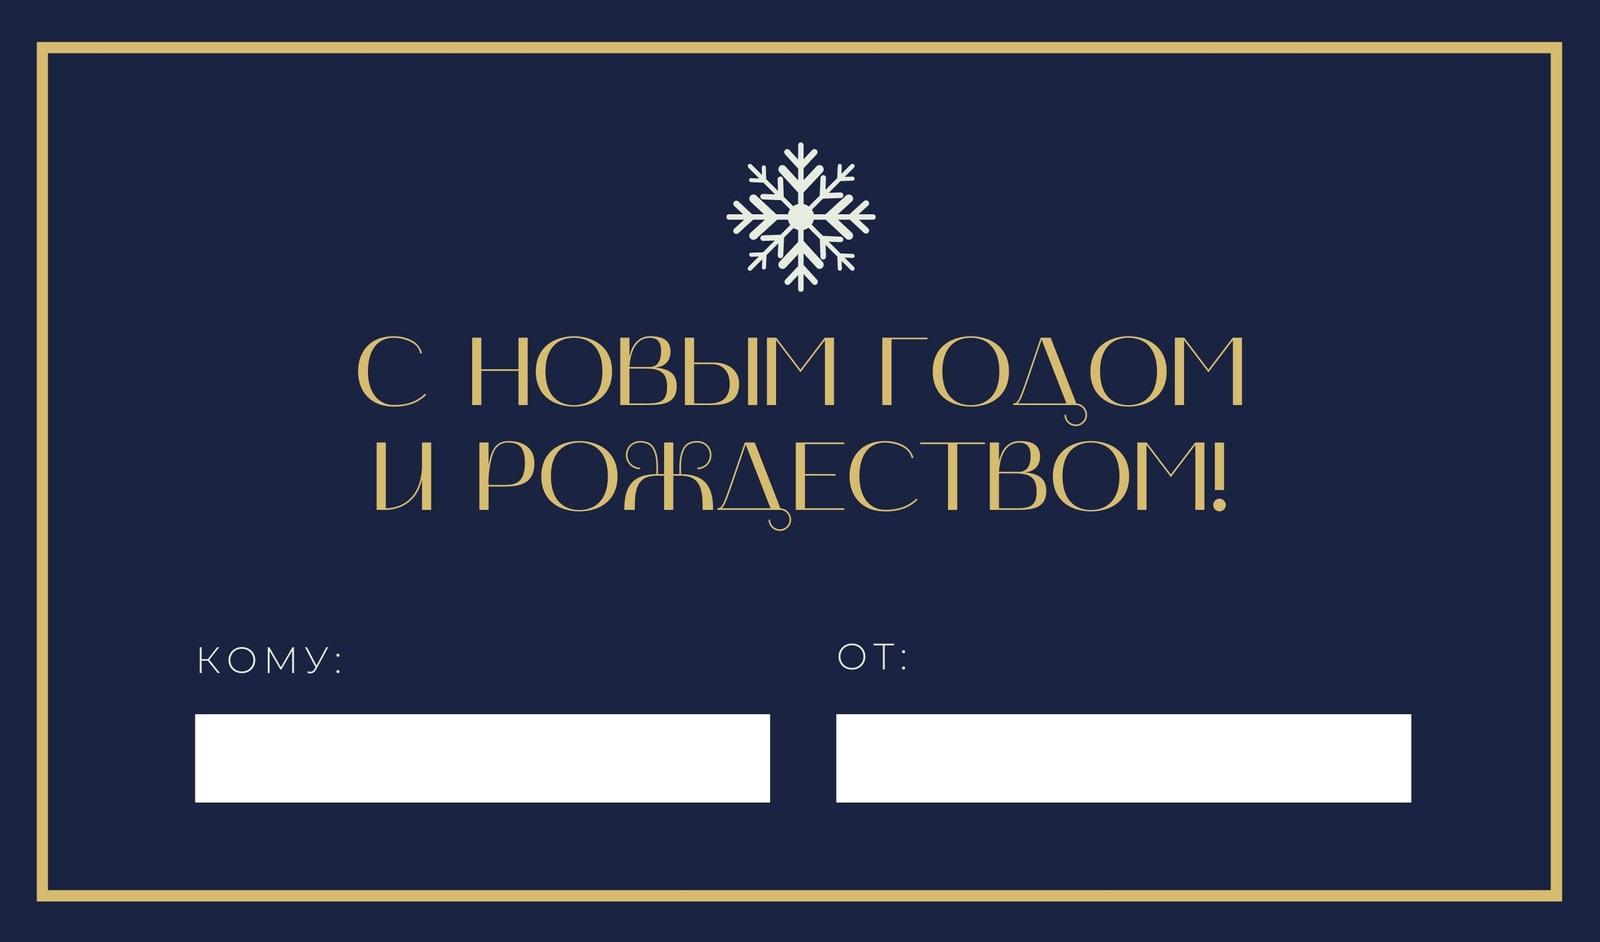 Синий ярлык с золотой рамкой и рисунком снежинки